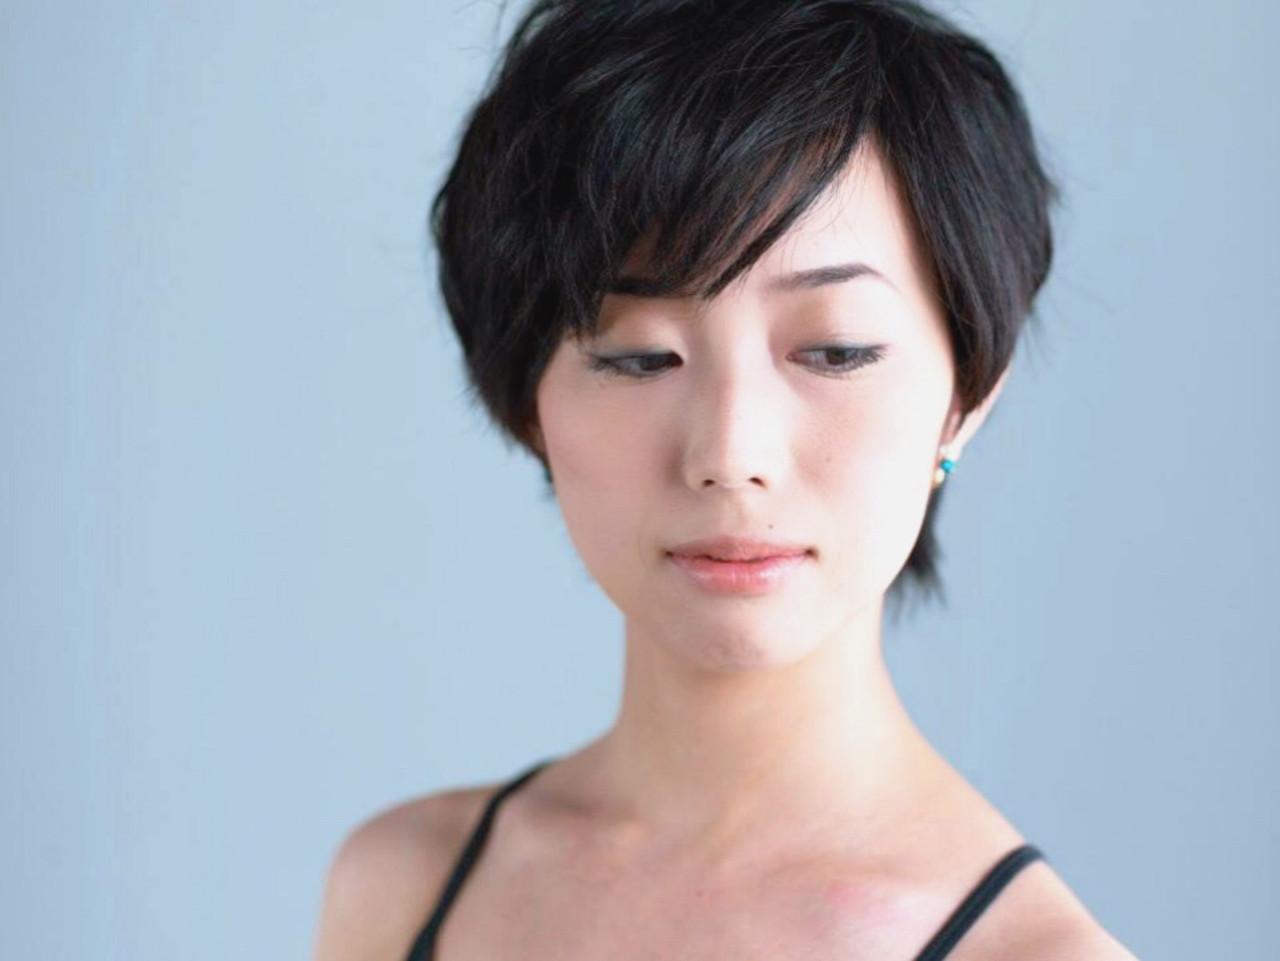 ナチュラル 黒髪 ショート ヘアメイク ヘアスタイルや髪型の写真・画像